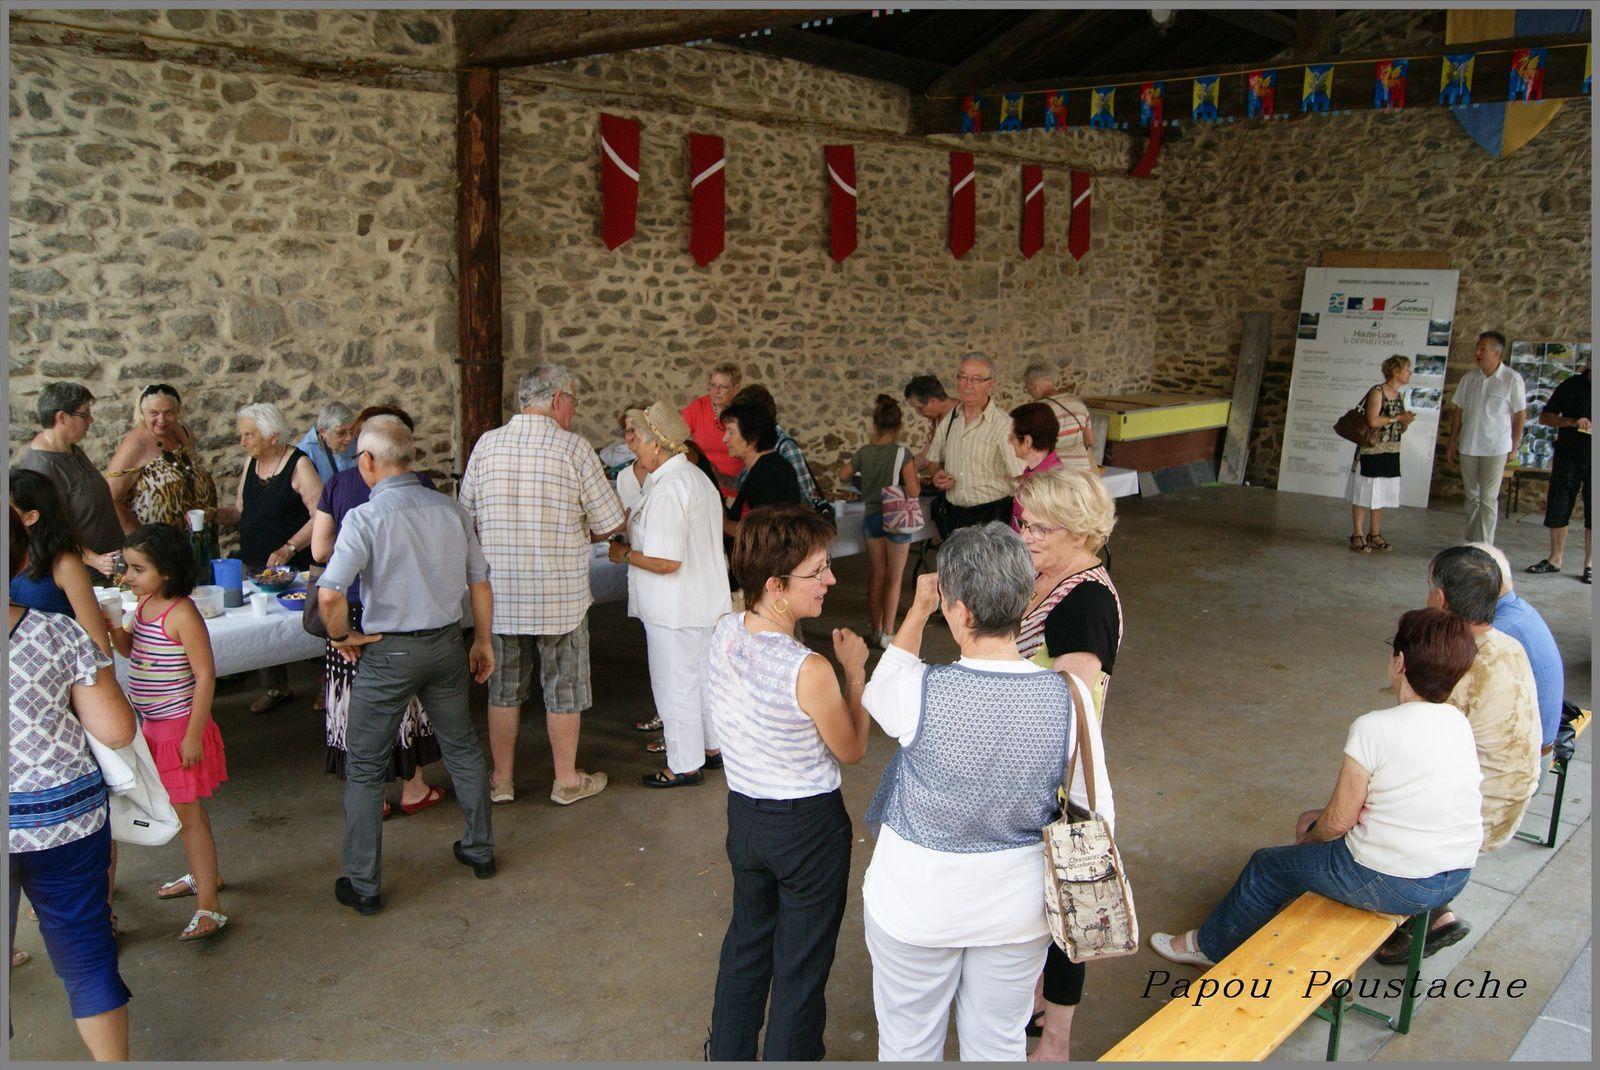 Aiguilles et pinceaux fait son expo à Auzon